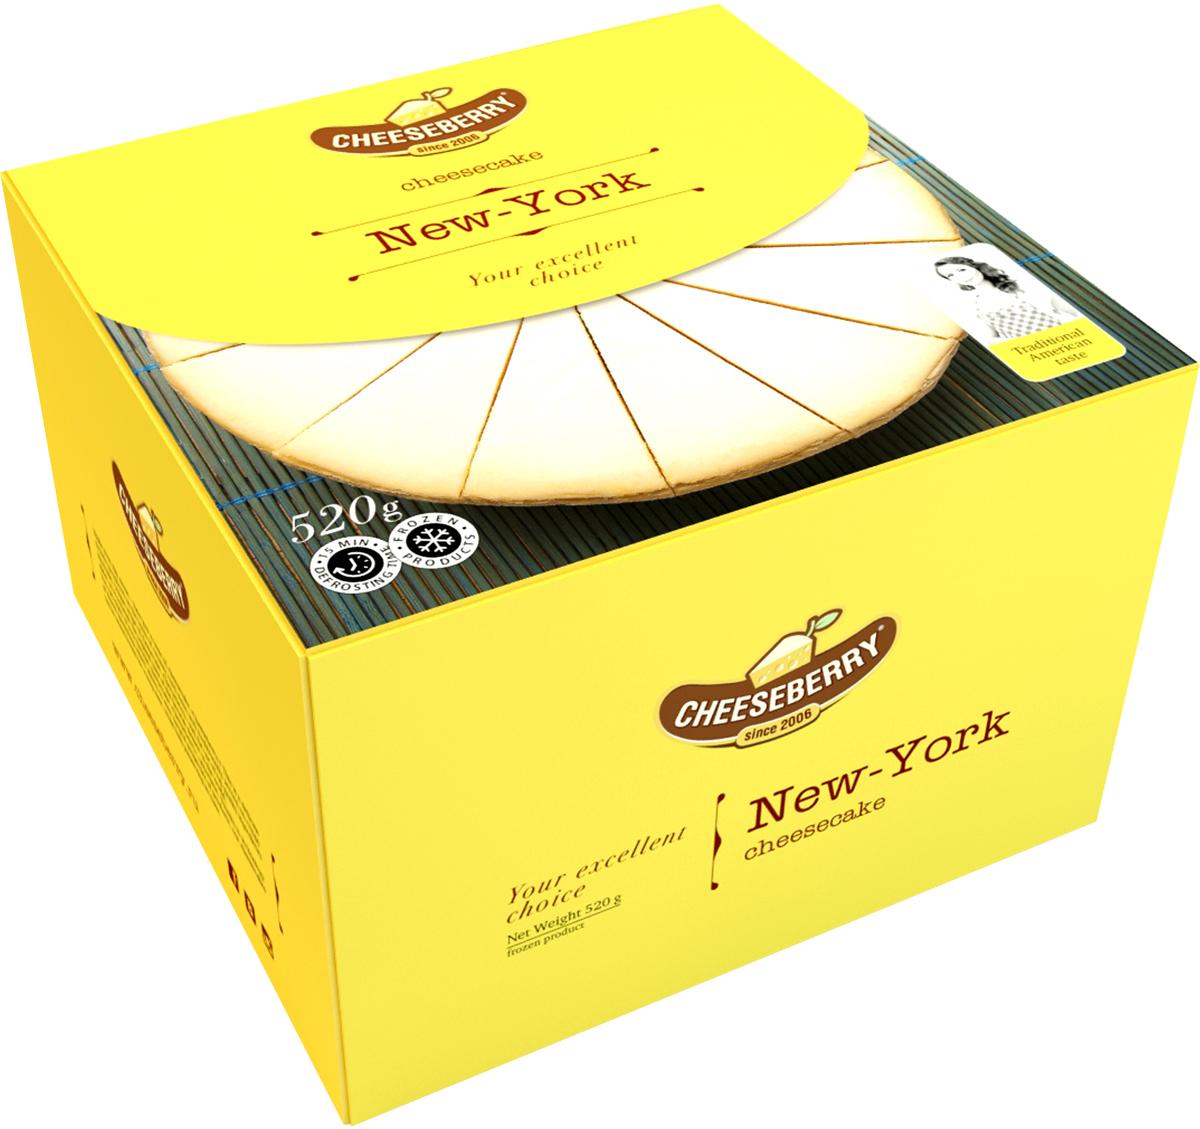 """Чизкейк """"Нью-Йорк"""" – классический ванильный вкус и идеальное завершение любого праздничного ужина. Несмотря на кажущуюся простоту, этот десерт крепко держит пальму первенства по популярности среди потребителей."""